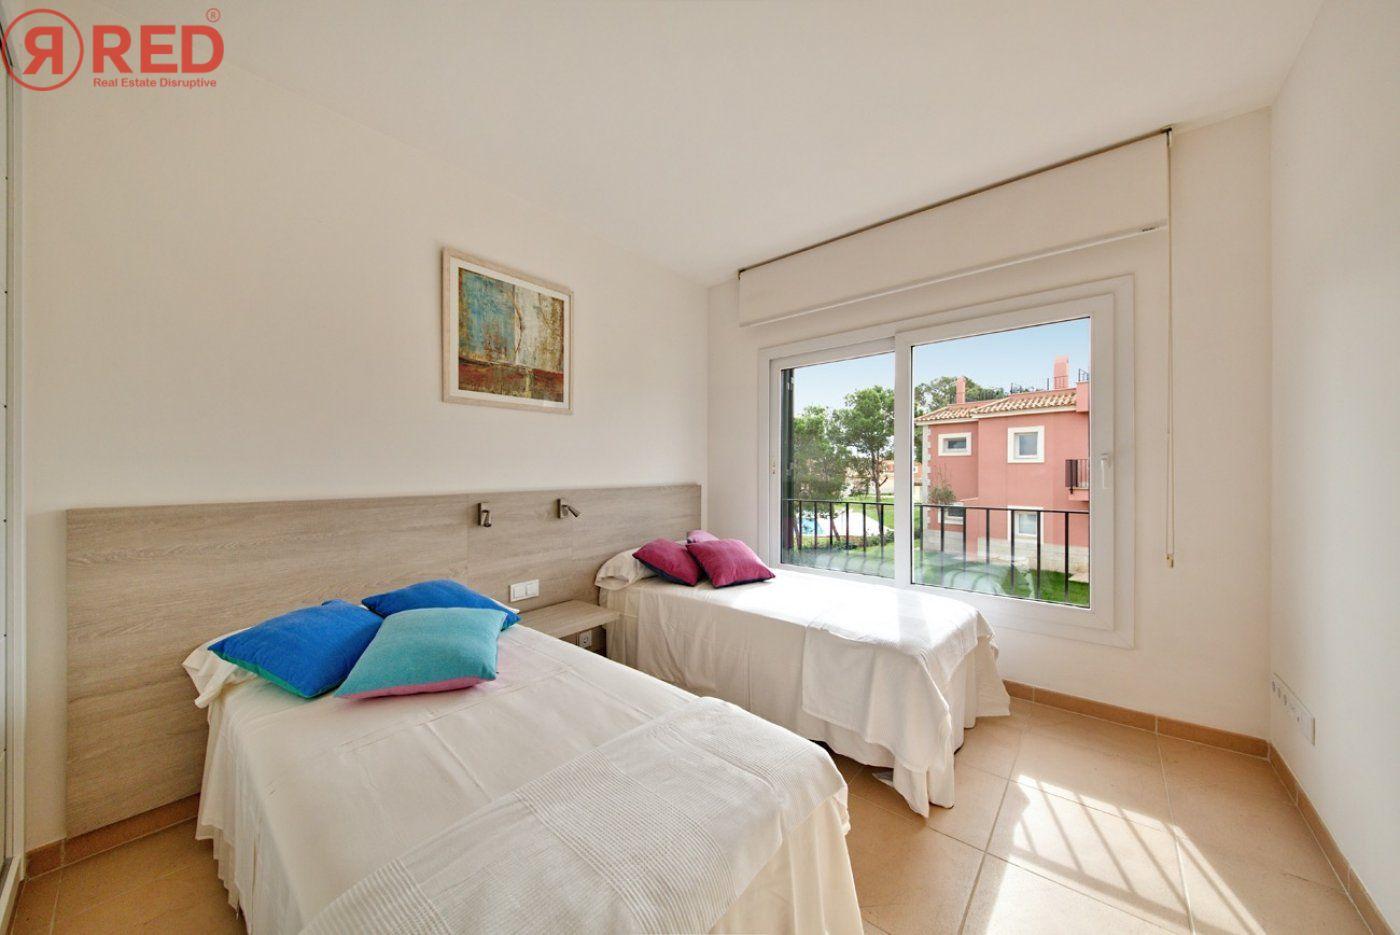 Se vende exclusivas viviendas de lujo en mallorca - imagenInmueble13